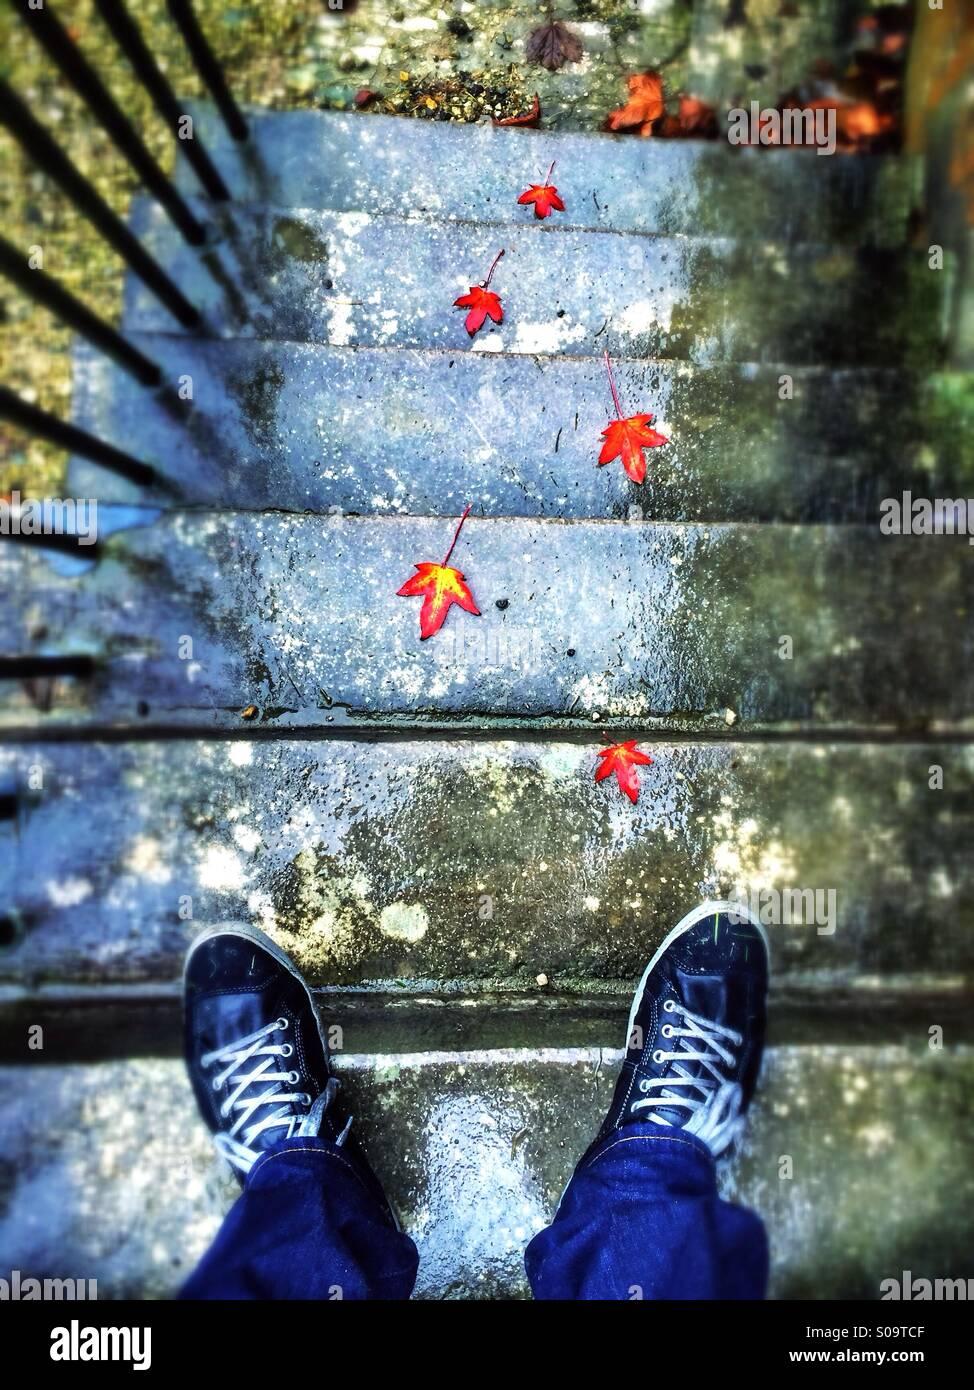 Vista verso il basso di un uomo in piedi nella parte superiore di un set di pioggia inzuppato passi, i suoi piedi Immagini Stock